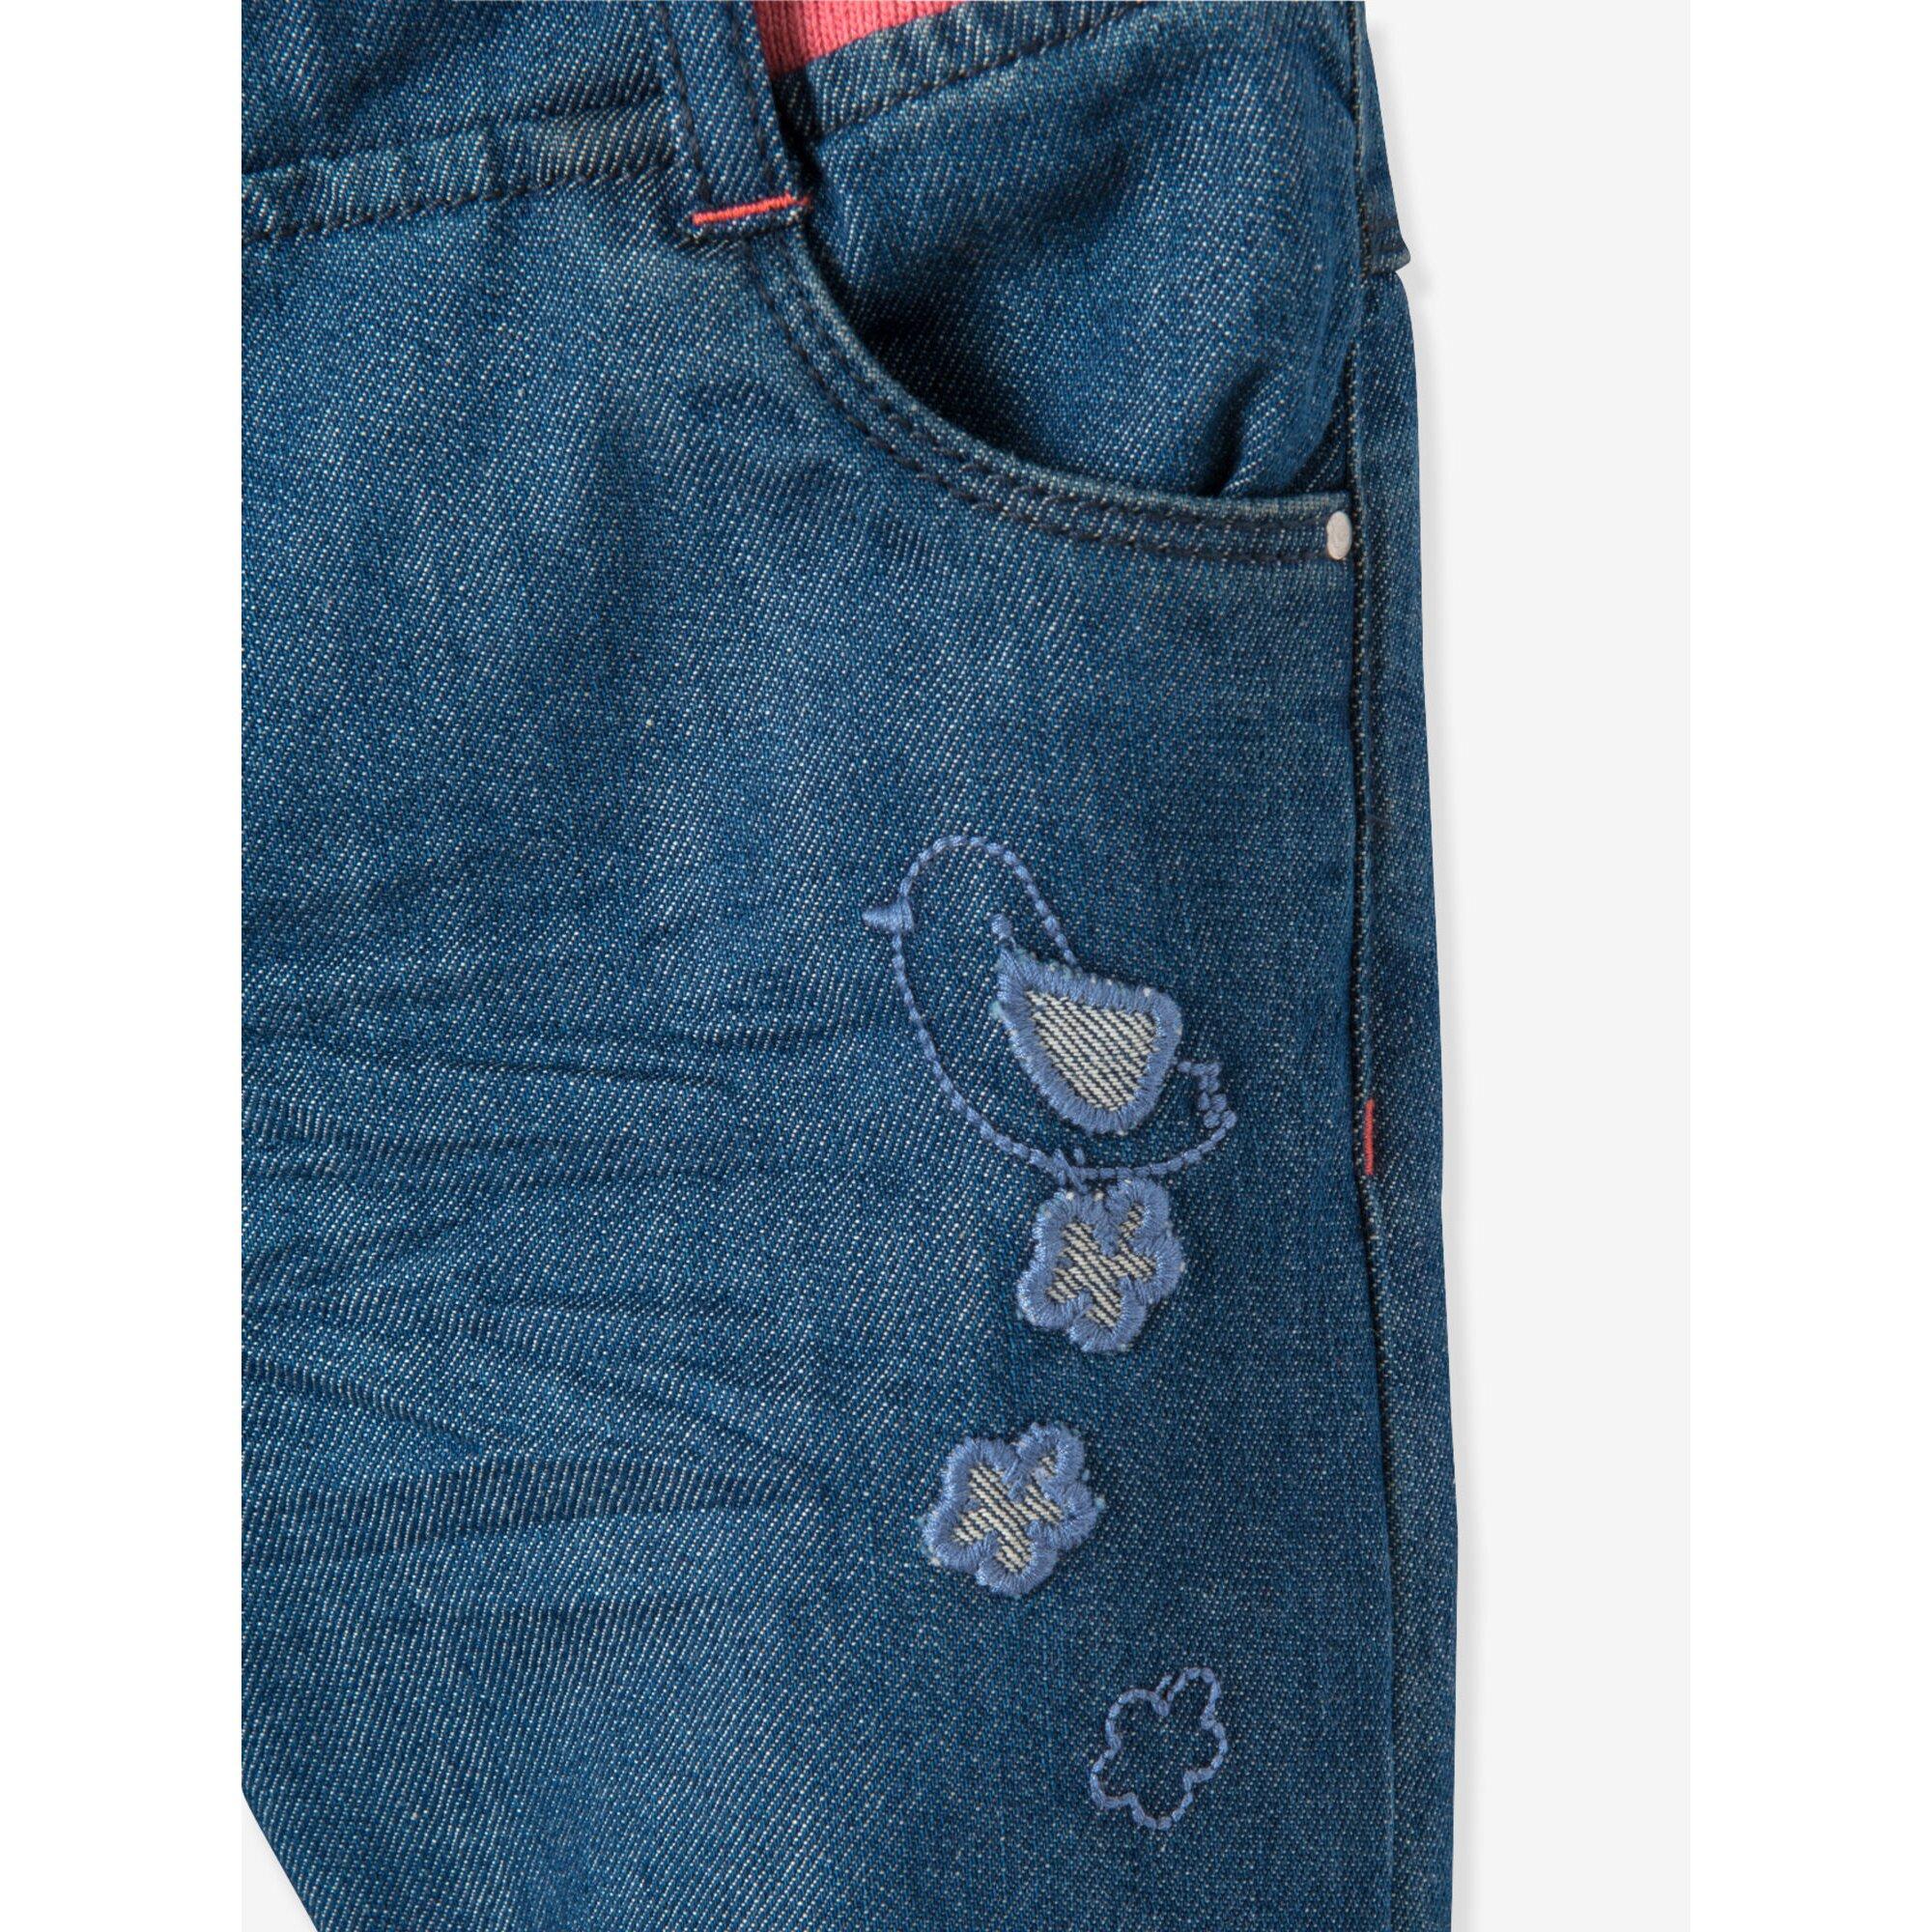 vertbaudet-madchen-boyfriend-jeans, 25.99 EUR @ babywalz-de